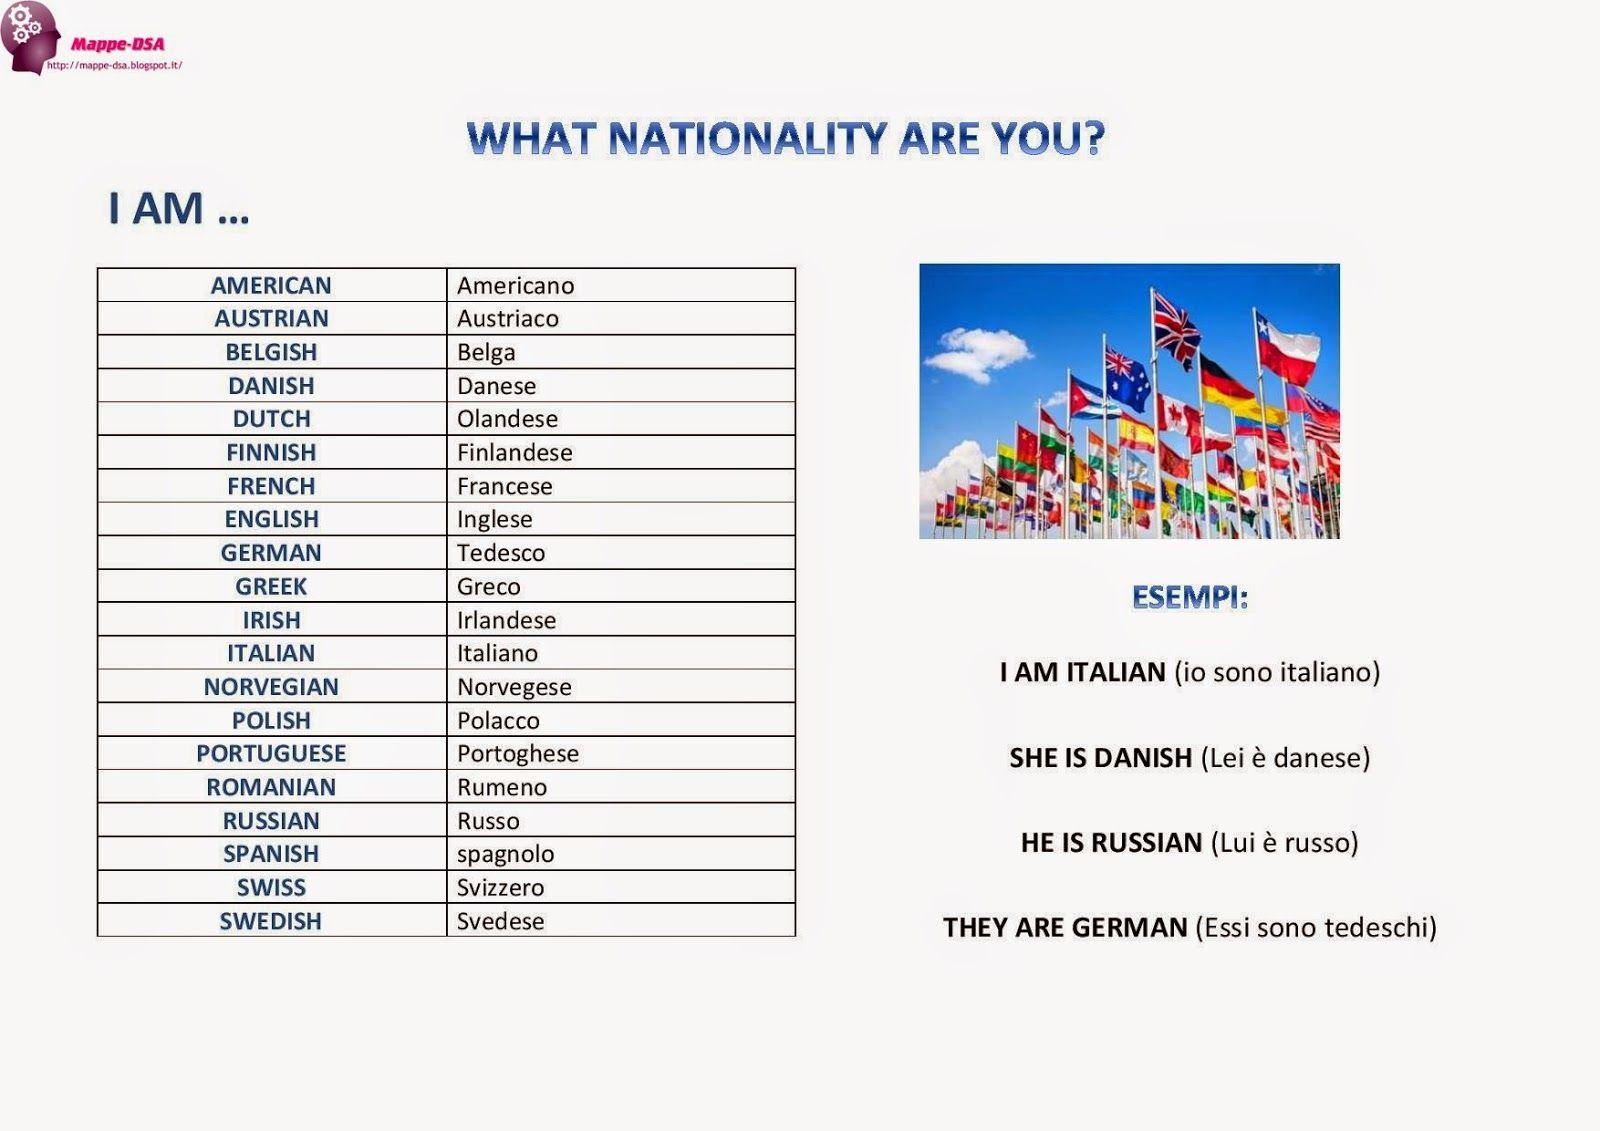 Le Nazionalita Con Immagini Imparare Inglese Imparare L